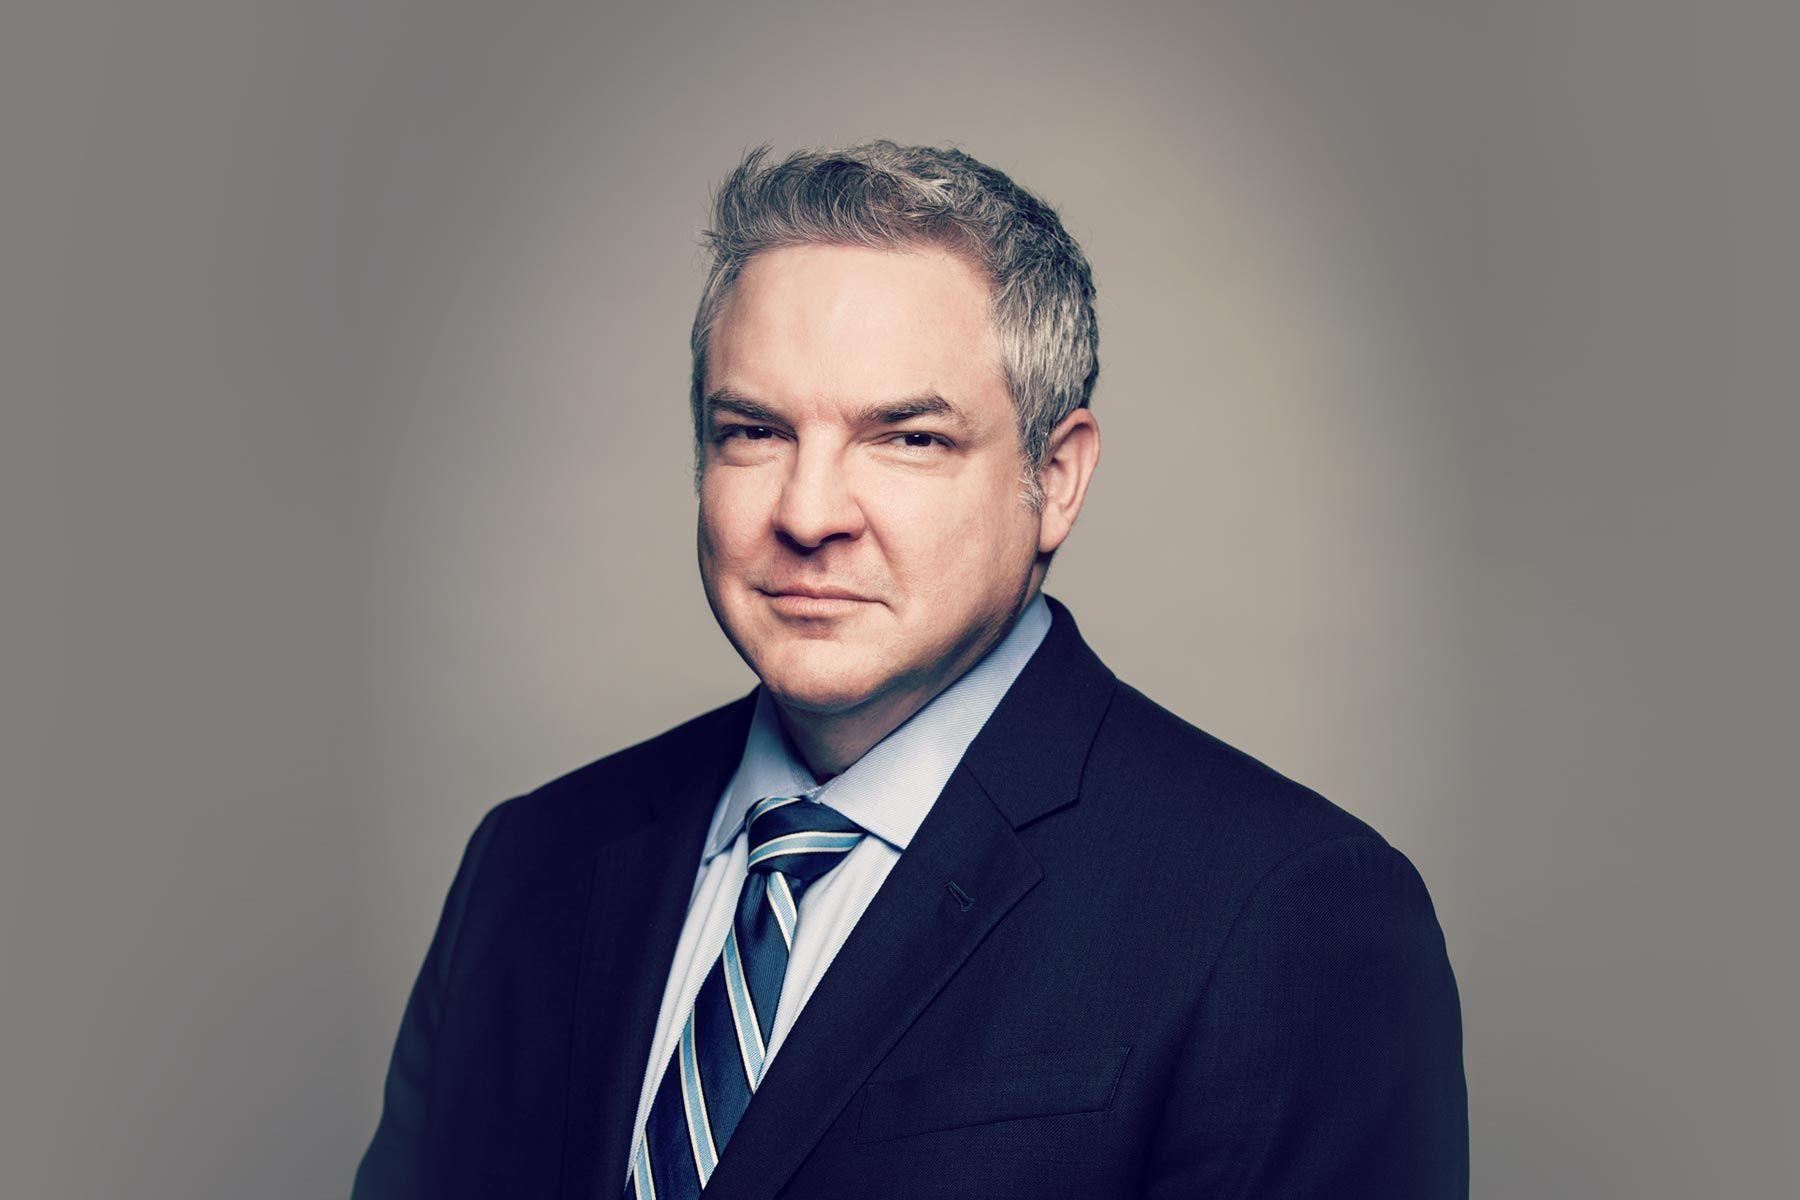 Daniel Bober, D.O